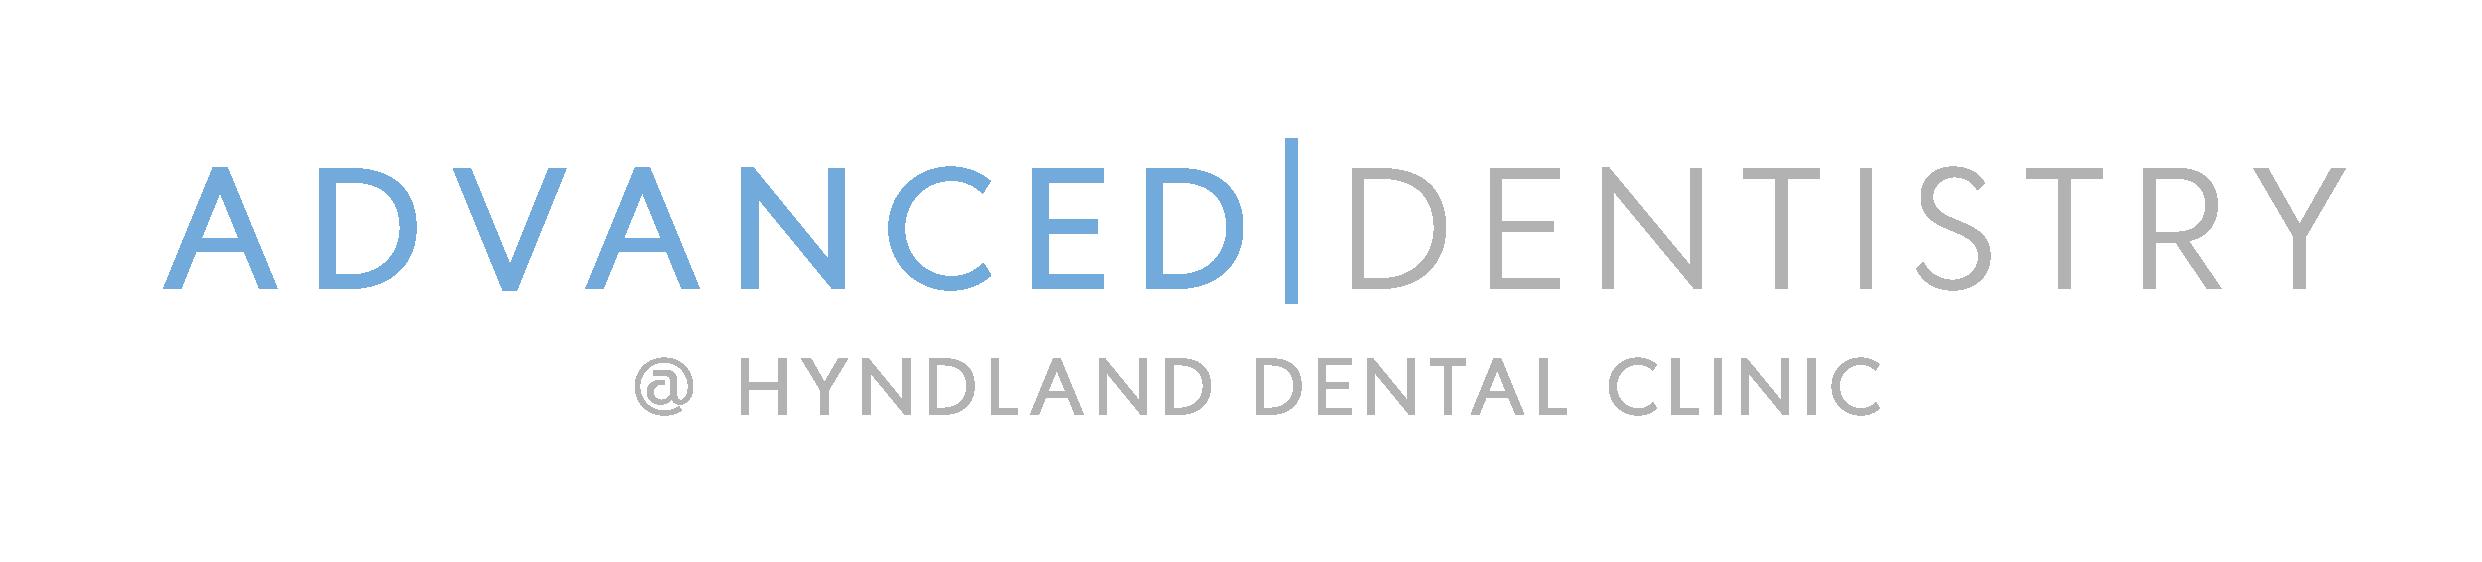 Hyndland Dental Clinic